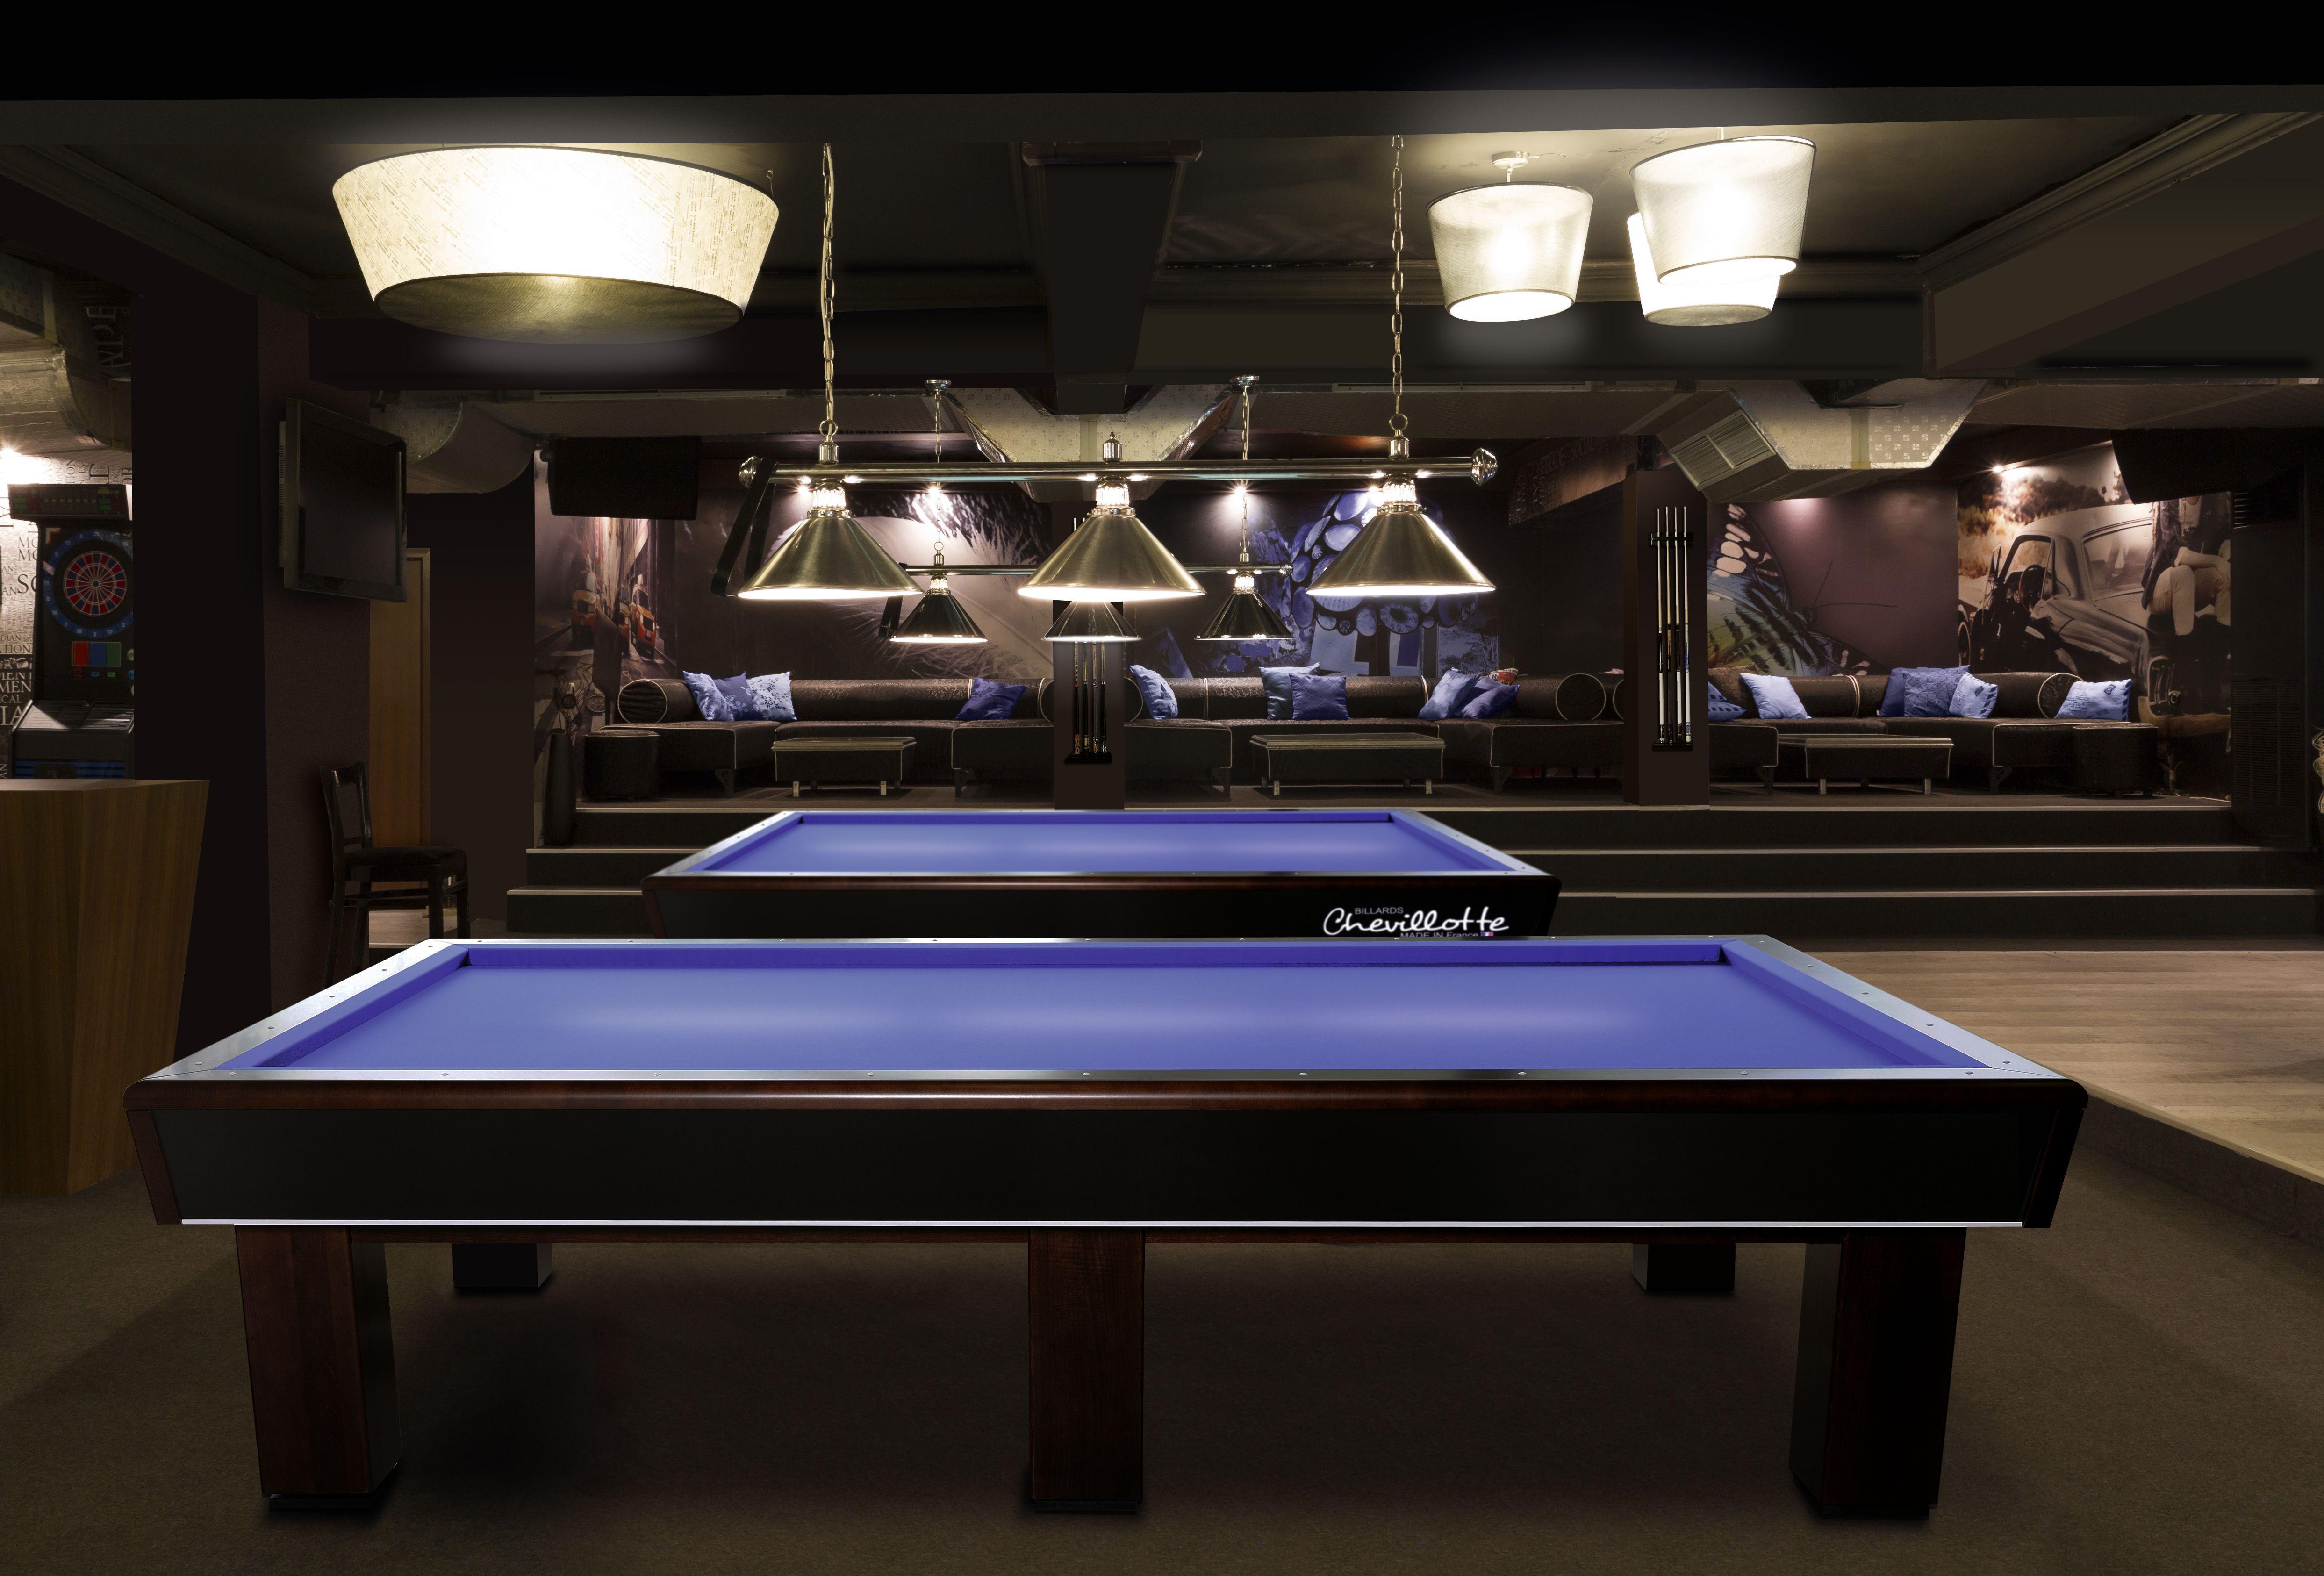 Keomaster Corée du Sud Billiards, Game room, Billiard table